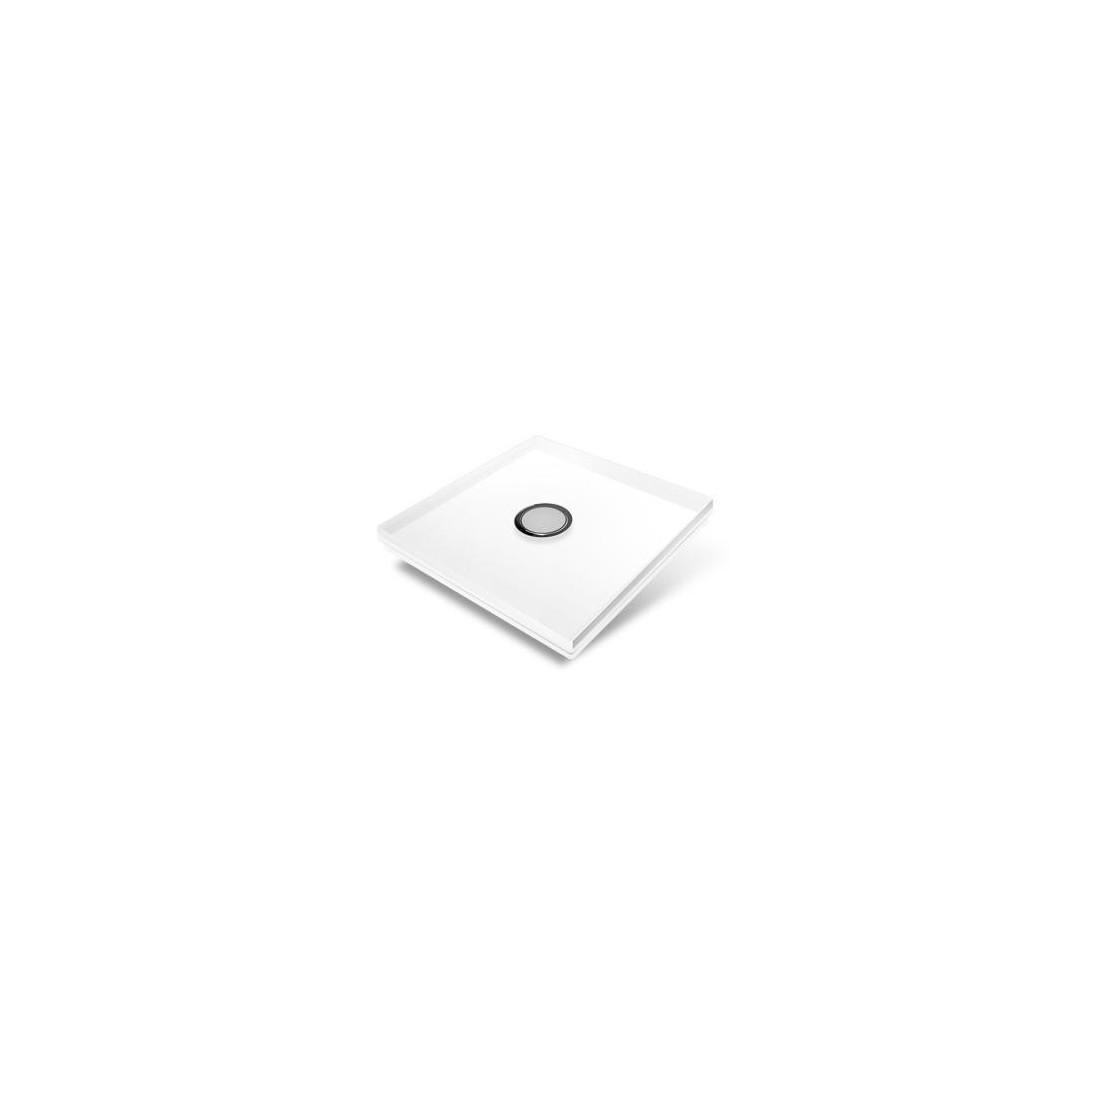 Plaque de recouvrement pour interrupteur Edisio - crystal blanc